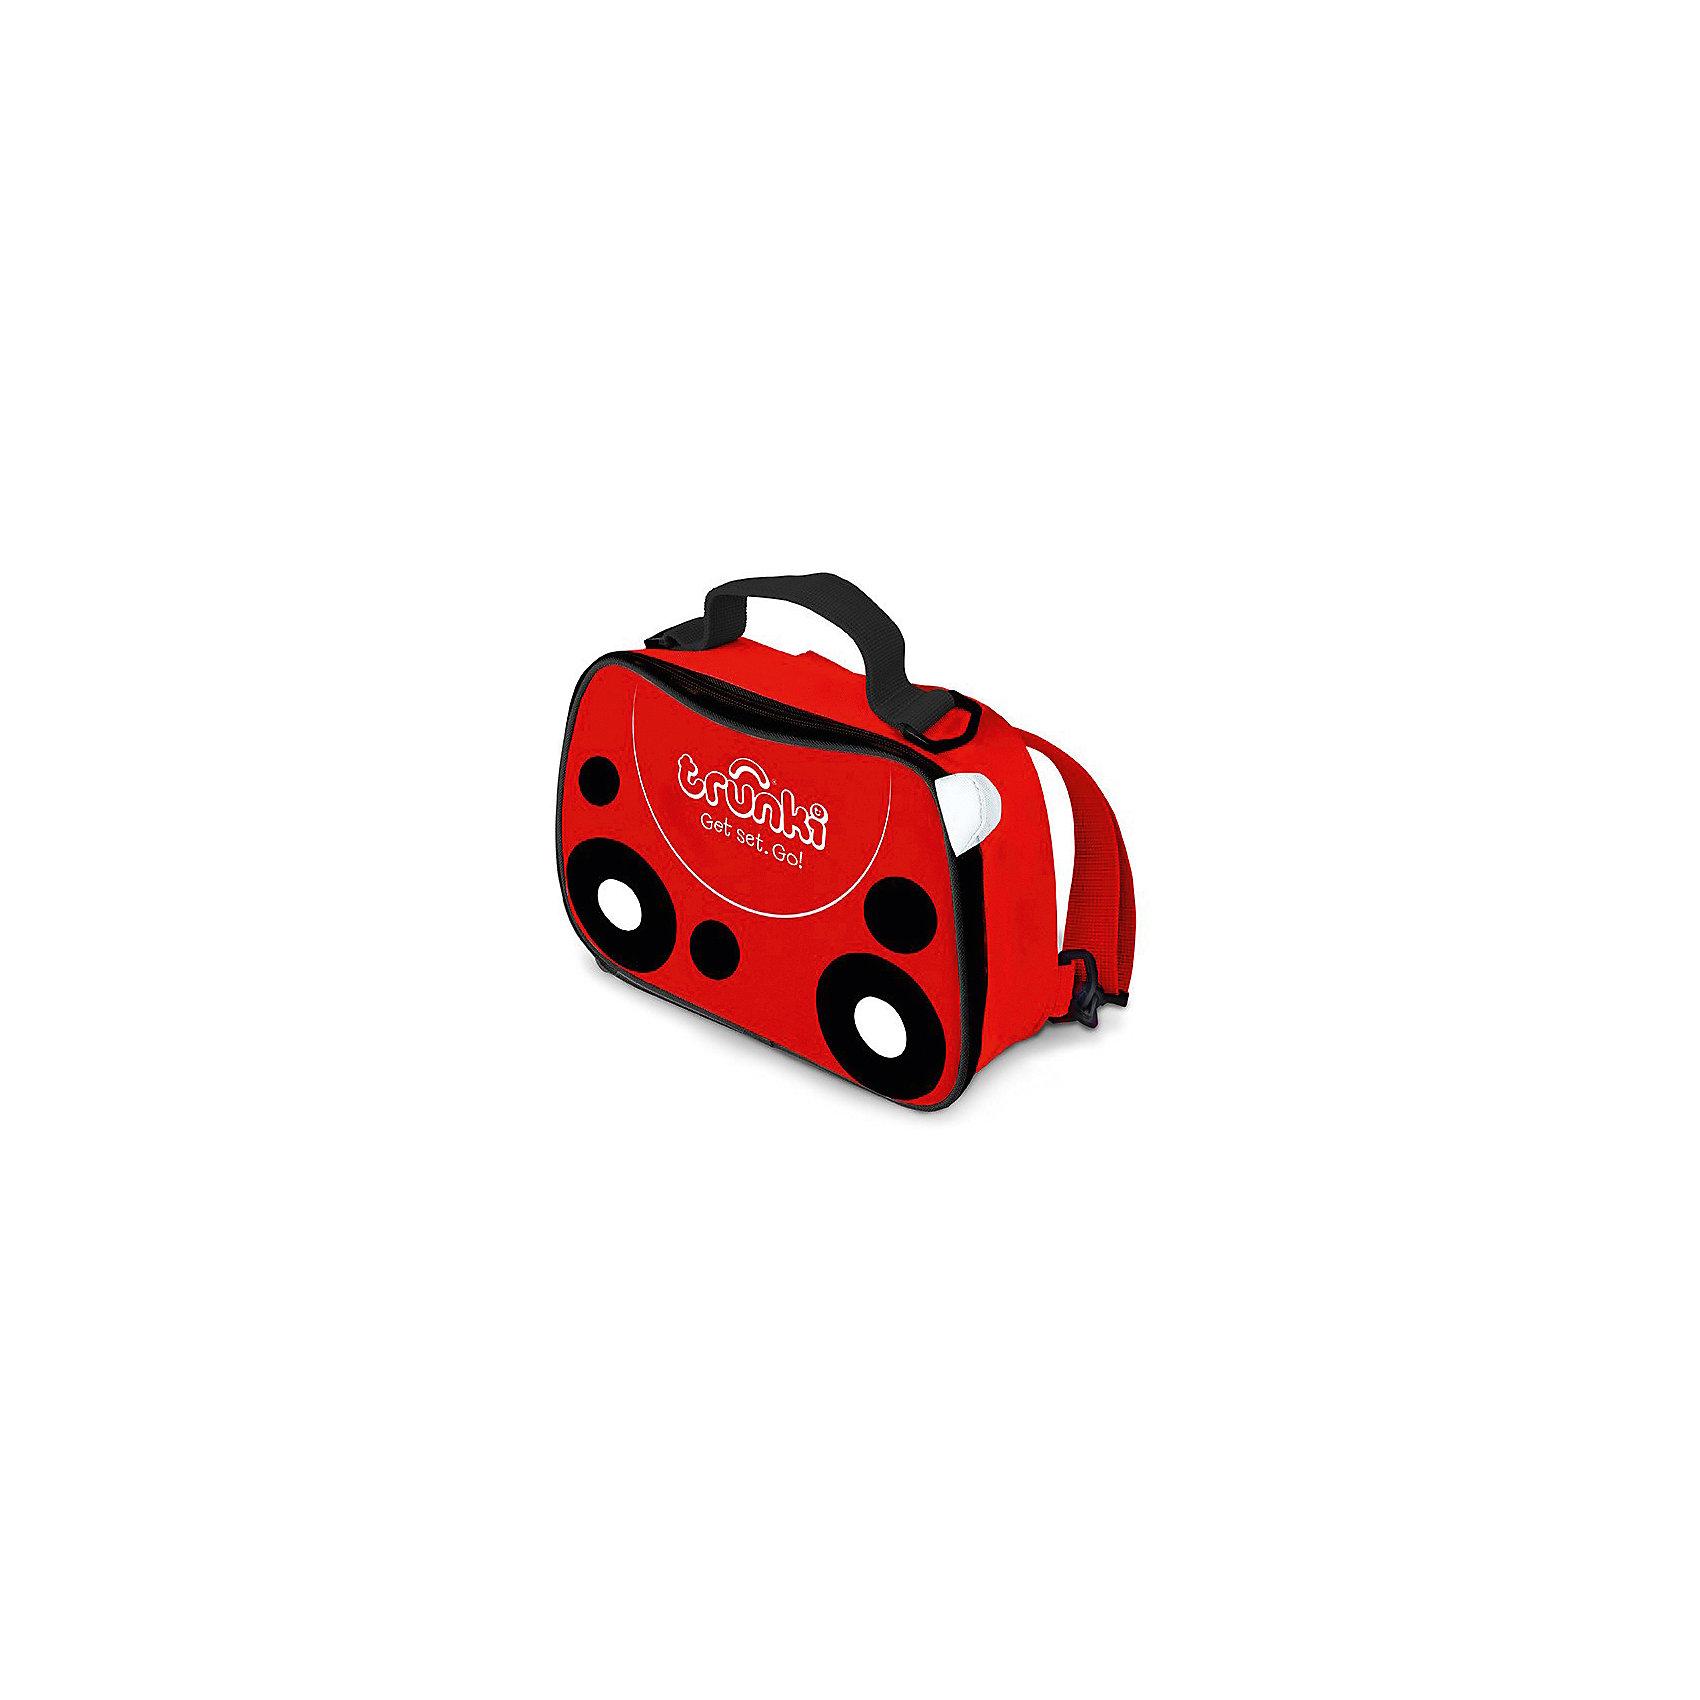 Сумка-холодильник Божья коровкаДорожные сумки и чемоданы<br>Характеристики товара:<br><br>• возраст от 3 лет;<br>• материал: полиэстер;<br>• объем 3,5 литра;<br>• размер сумки 27х19,5х7,5 см;<br>• вес 300 гр.;<br>• страна производитель: Китай.<br><br>Сумка-холодильник «Божья коровка» Trunki — необходимый аксессуар для летних походов, пикников, прогулок в парке, путешествий, когда надо сохранить свежими продукты питания. Красная сумочка имеет черно-белые вставки-кружочки, как у божьей коровки. Сумка используется и для сохранения температуры горячих продуктов. Специальная термоизоляционная подкладка и материал позволяют сохранять тепло.<br><br>Сумка выполнена из прочного материала, который не пропускает воду и ультрафиолетовые лучи. Закрывается сумка на надежную молнию. Для переноски предусмотрены удобные тканевые ручки, а также ремешок, благодаря которому сумку можно переносить за плечами, как рюкзачок. На крышке имеется сетчатый кармашек для мелочей или столовых приборов. По мере загрязнения внутренний материал легко протирается влажной салфеткой.<br><br>Сумку-холодильник «Божья коровка» Trunki можно приобрести в нашем интернет-магазине.<br><br>Ширина мм: 270<br>Глубина мм: 75<br>Высота мм: 195<br>Вес г: 300<br>Возраст от месяцев: 36<br>Возраст до месяцев: 2147483647<br>Пол: Унисекс<br>Возраст: Детский<br>SKU: 5509344